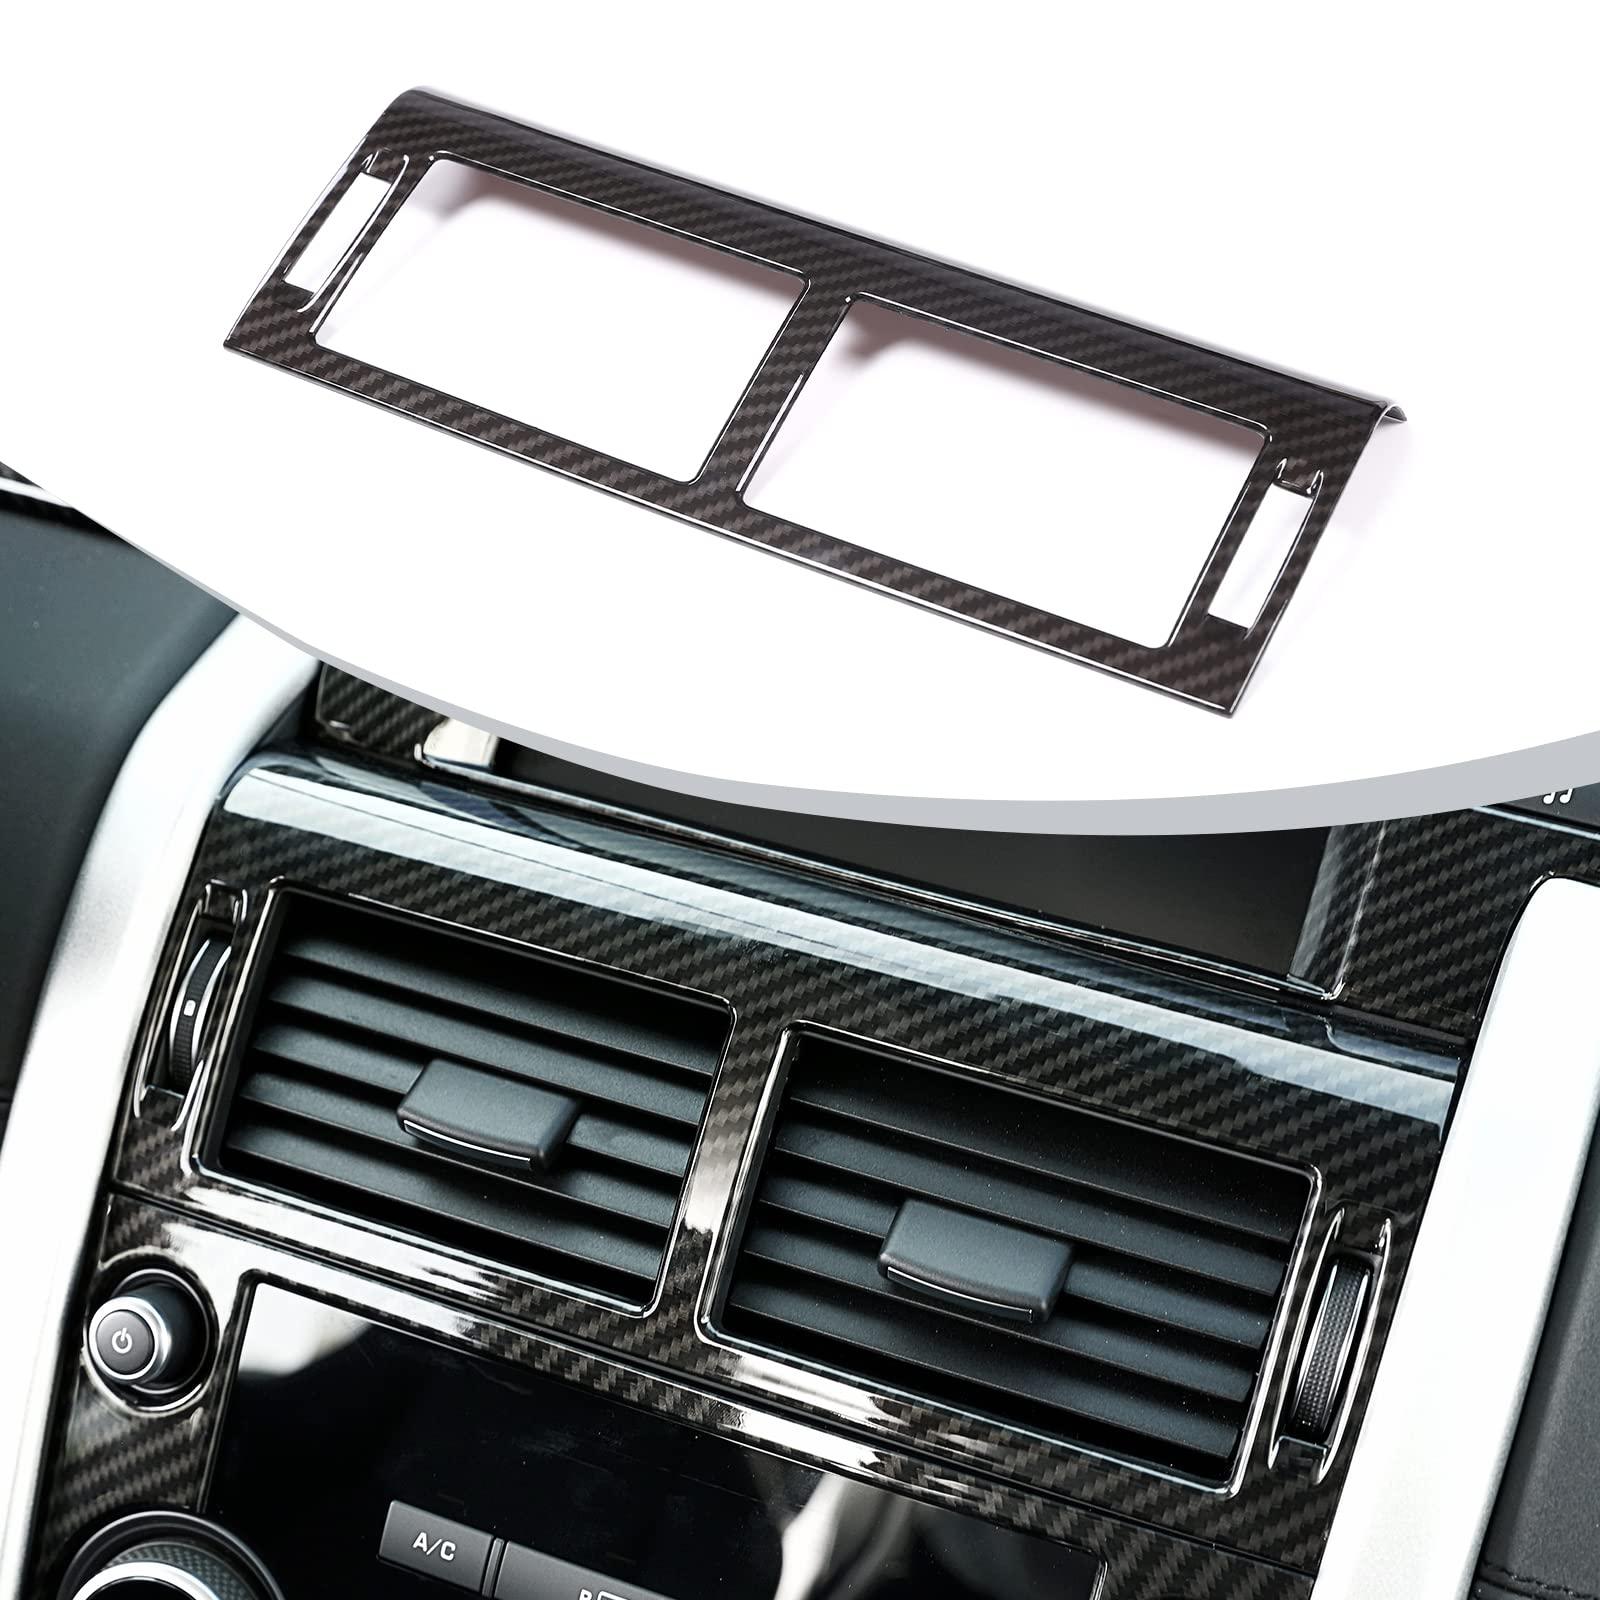 Mattsilber Autozubeh/ör 2 St/ück ABS Zierleisten f/ür die Mittelkonsole A- CLA- GLA- Klasse W117 W176 A180